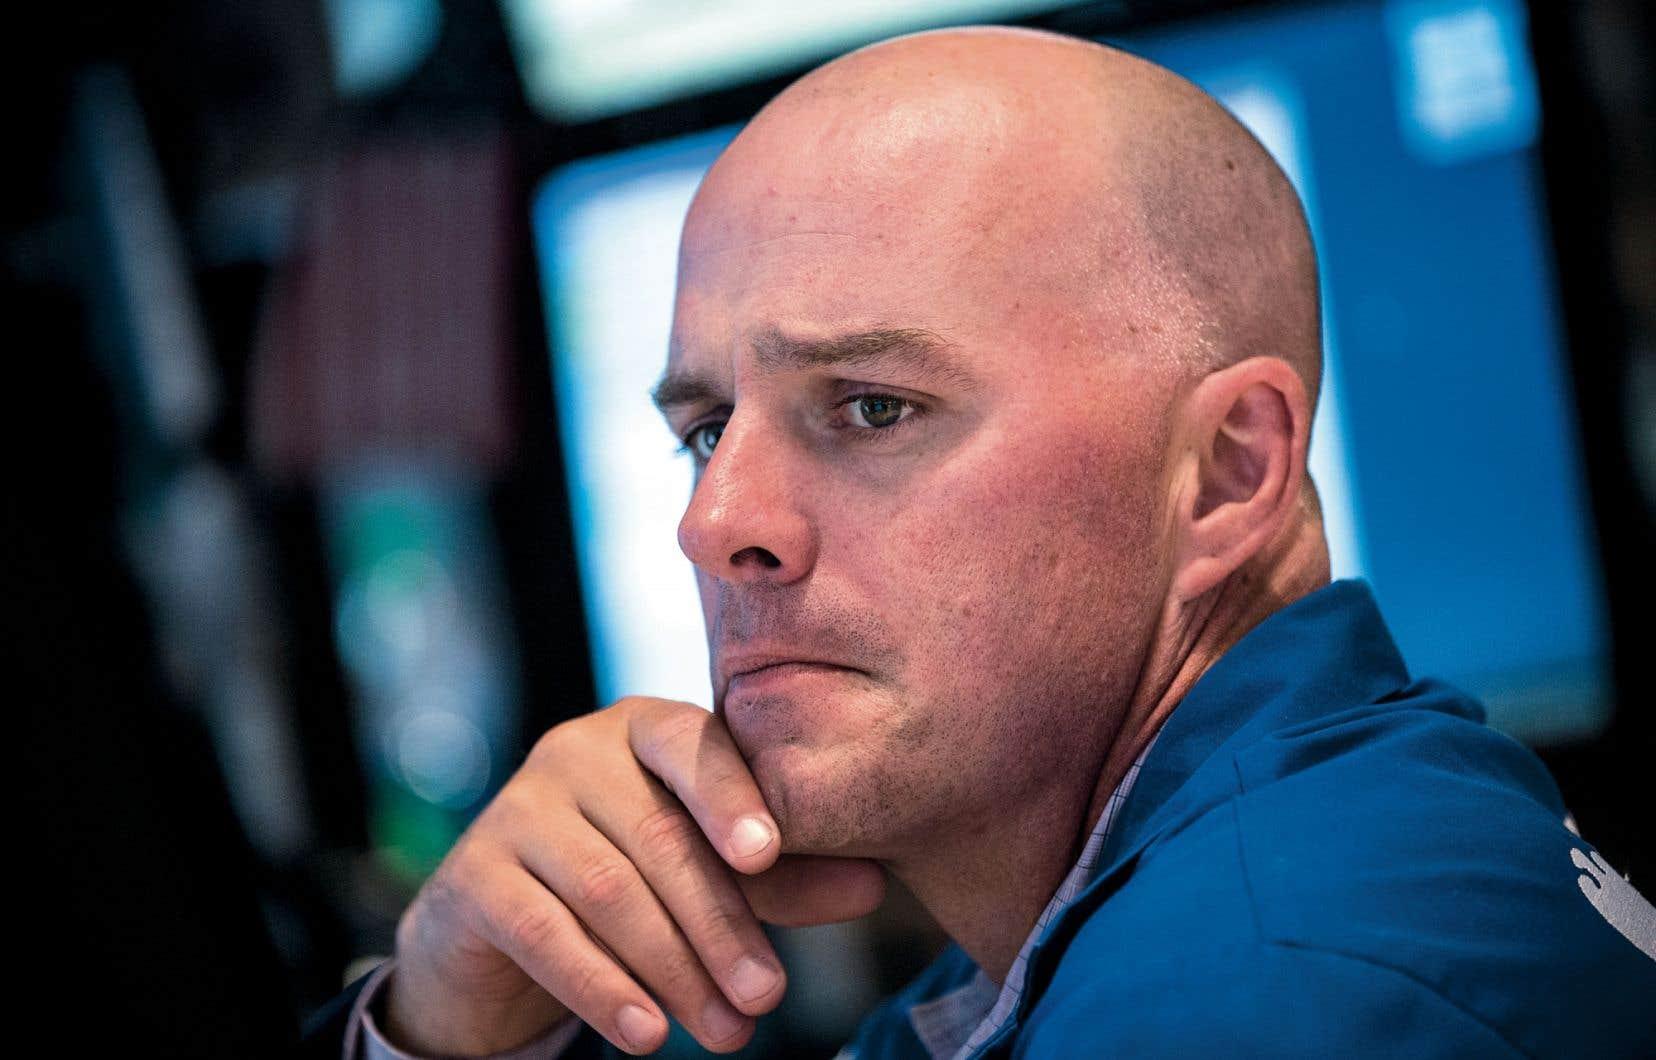 À Wall Street, un courtier semblait dubitatif en voyant l'évolution du Dow Jones qui, jeudi, a franchi la barre des 17 000 points.